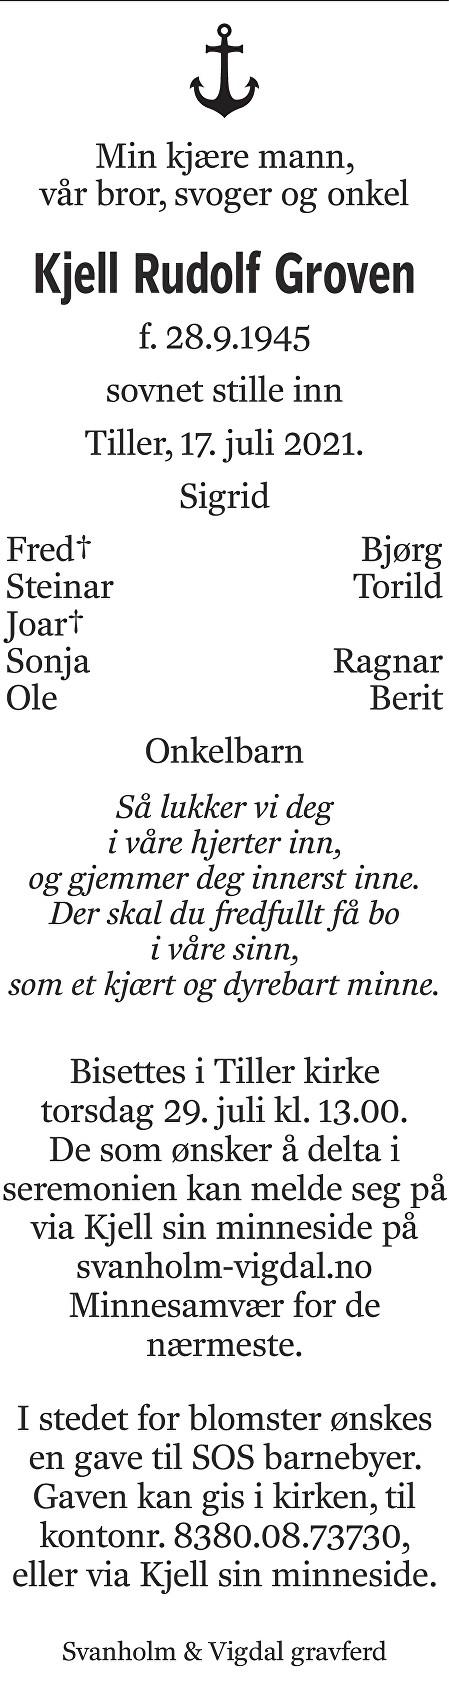 Kjell Rudolf Groven Dødsannonse